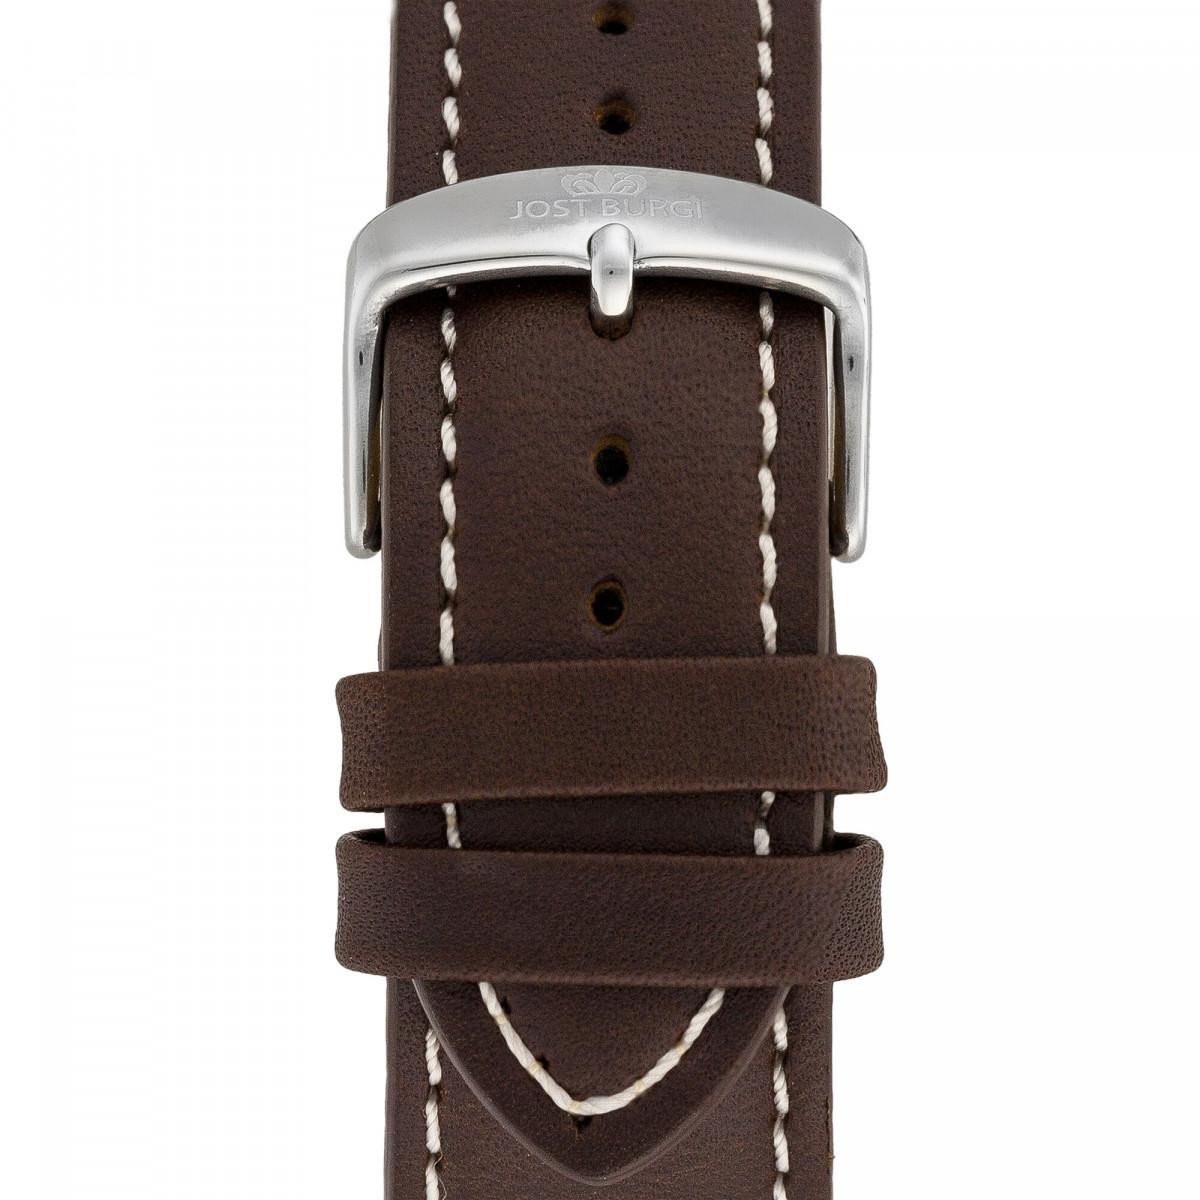 """Montre Jost Burgi """"RACING"""" bracelet cuir - HB4A61C2BC2"""